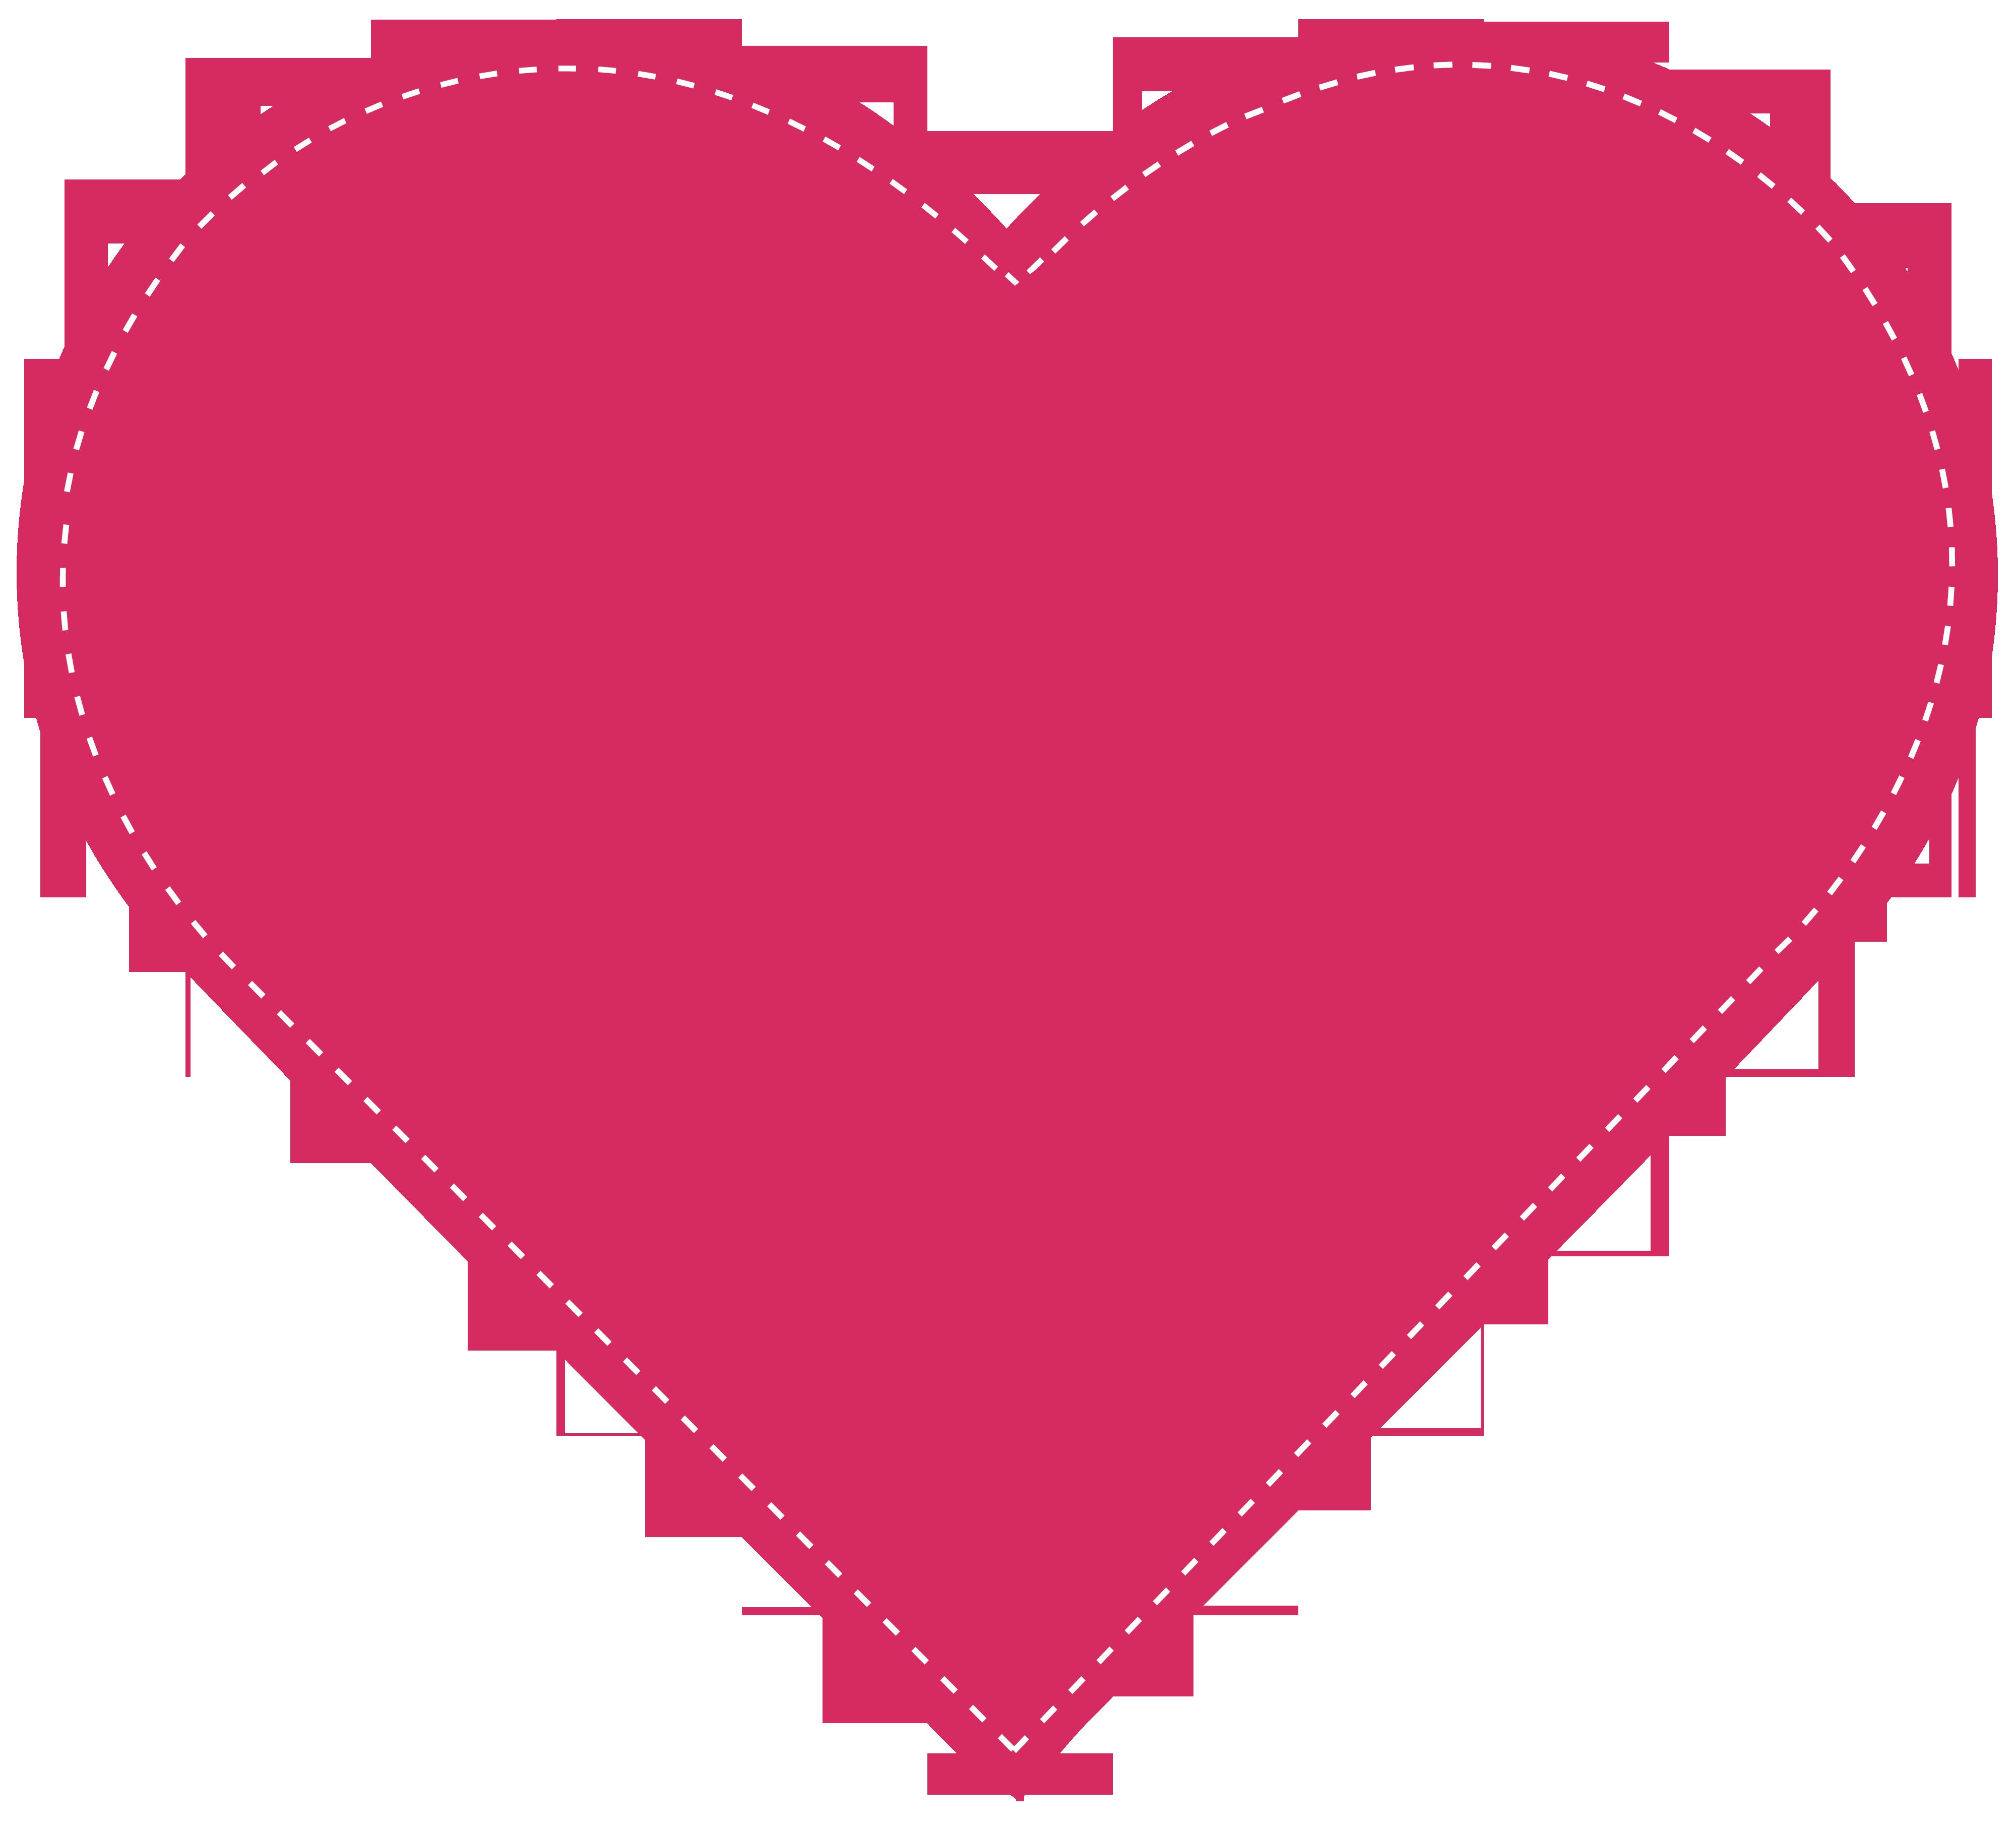 Heart PNG-PlusPNG.com-4000 - Heart PNG